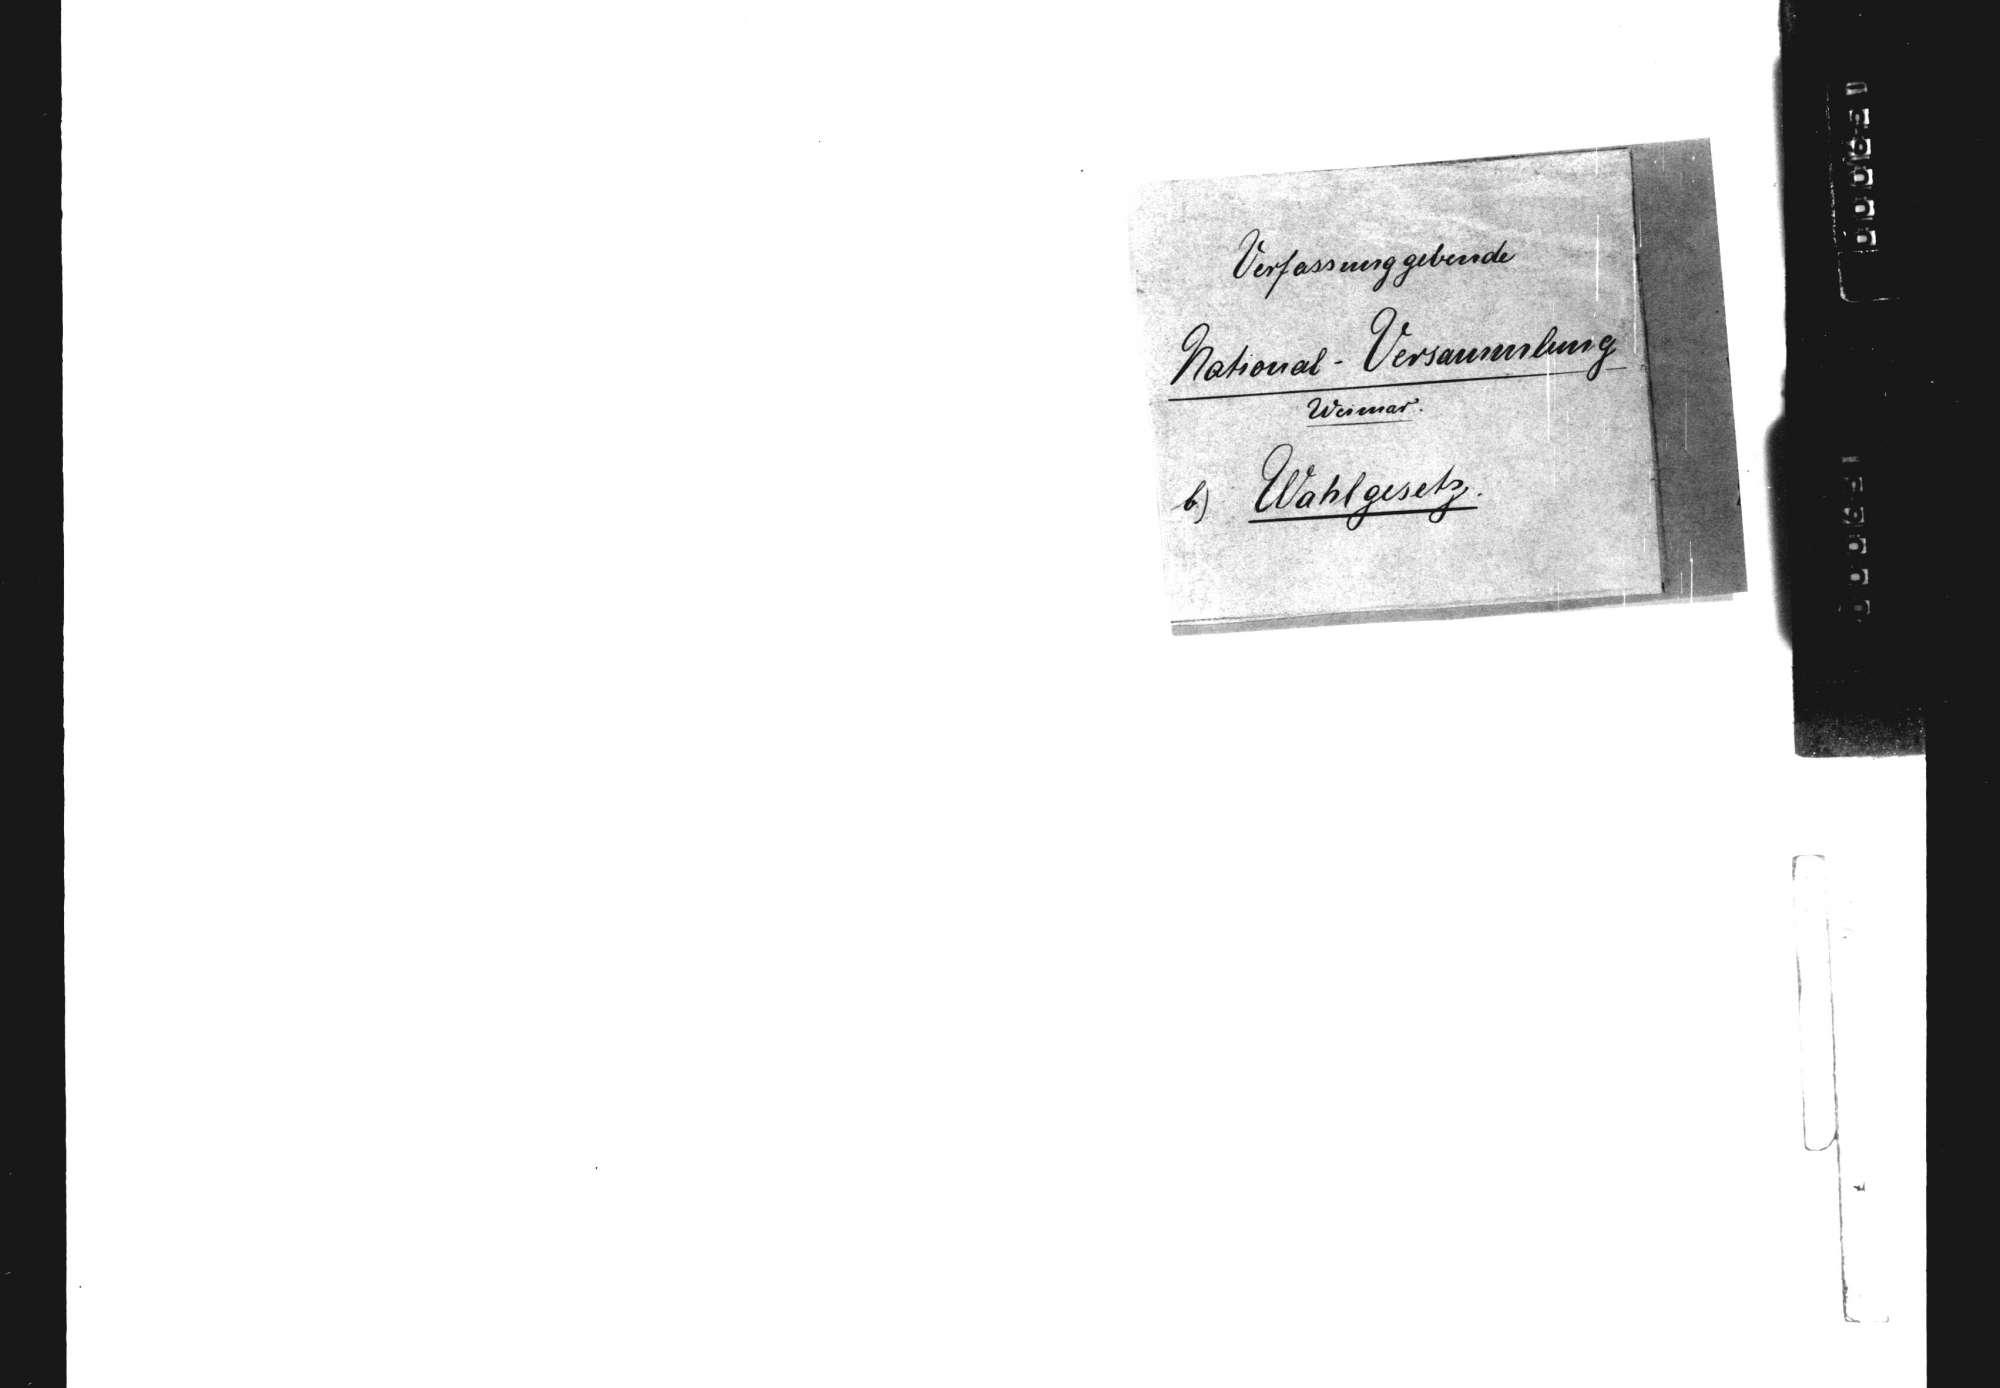 Nationalversammlung: Wahlgesetz, Bild 1